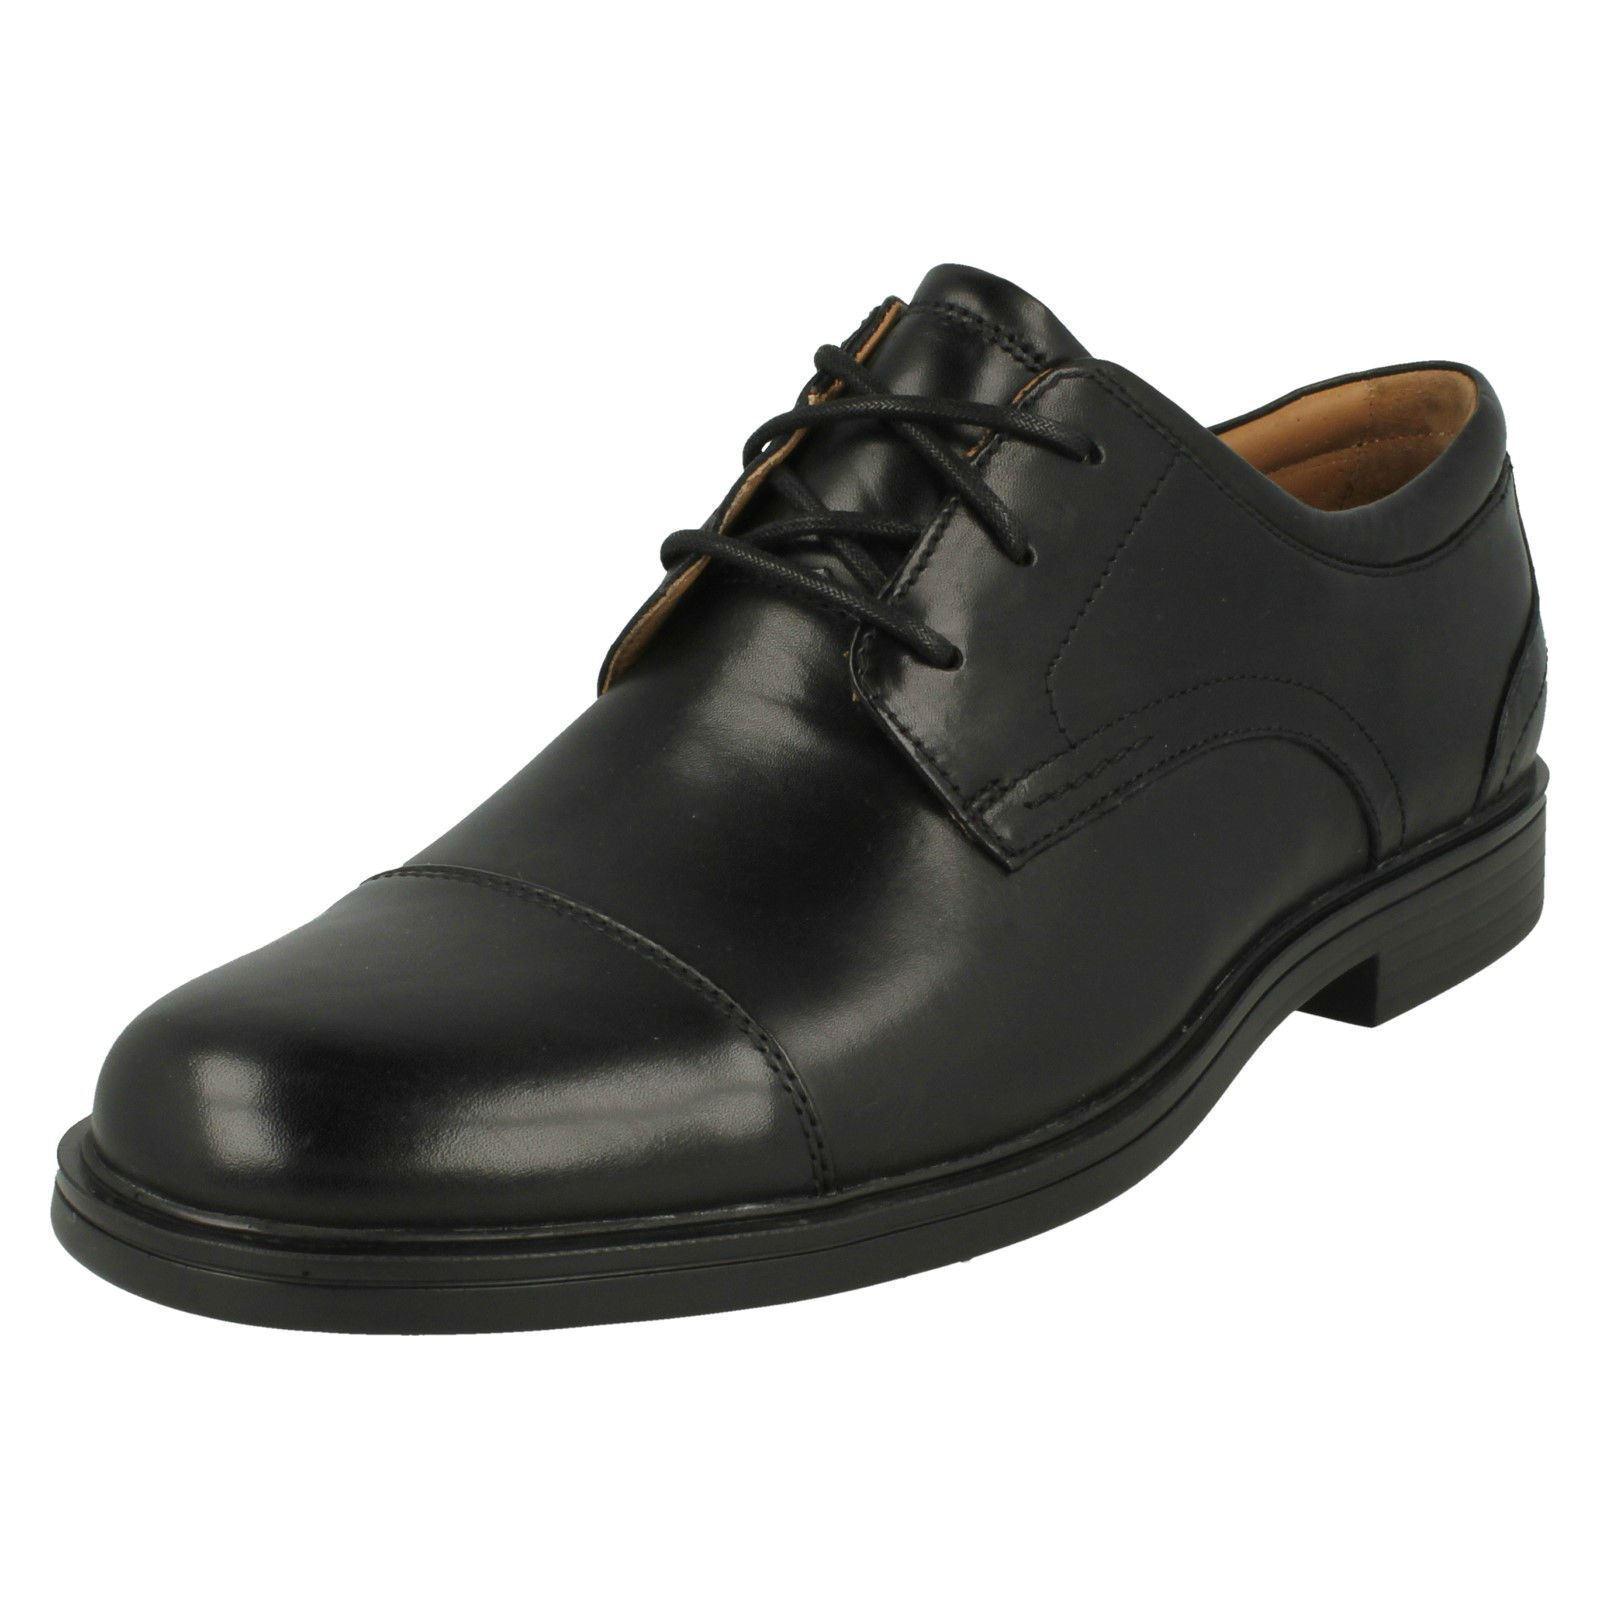 Mens Clarks Un Bldric Cap Black Leather Smart Lace Up Shoes G Fitting